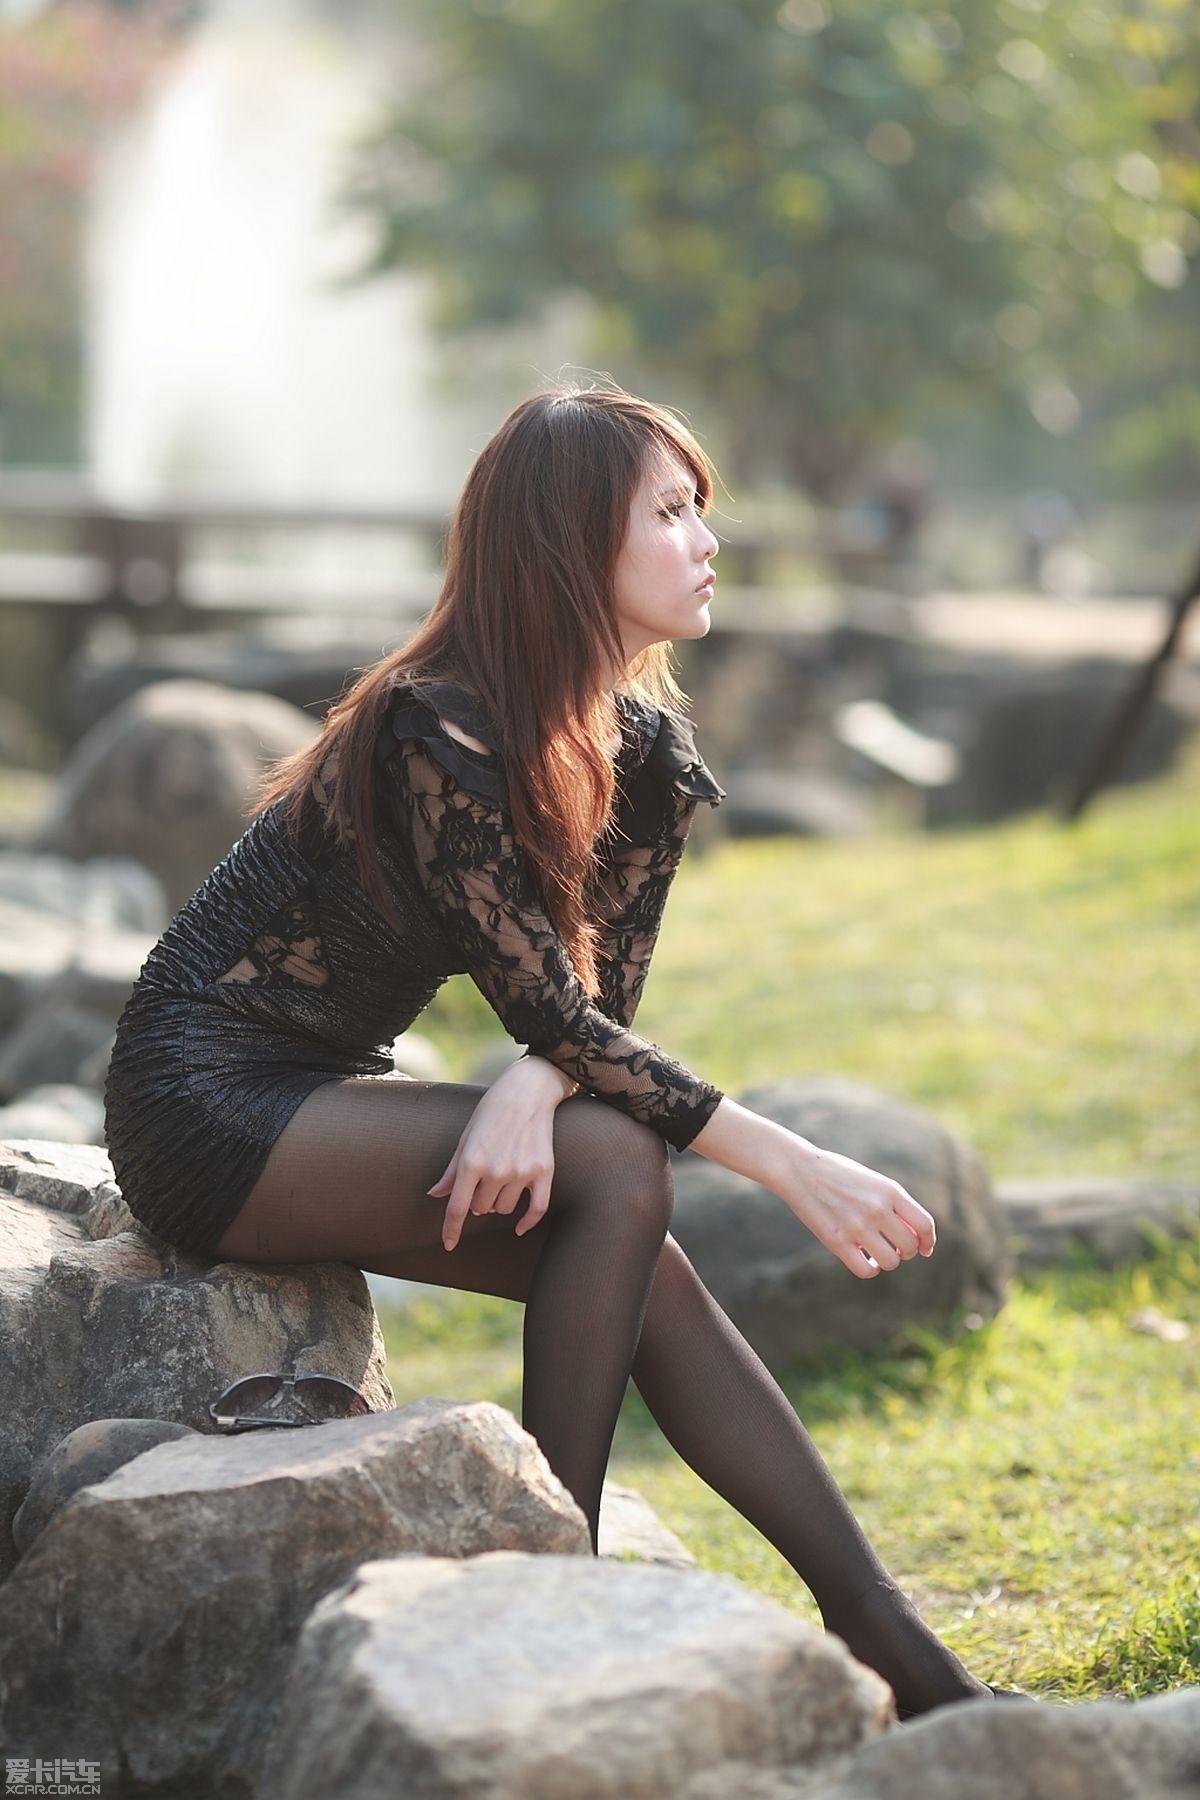 内射白嫩黑丝_极品丝袜美女黑丝紧身(11); 肉感白嫩贵妇黑丝惊艳写真; 俏皮楚楚美女